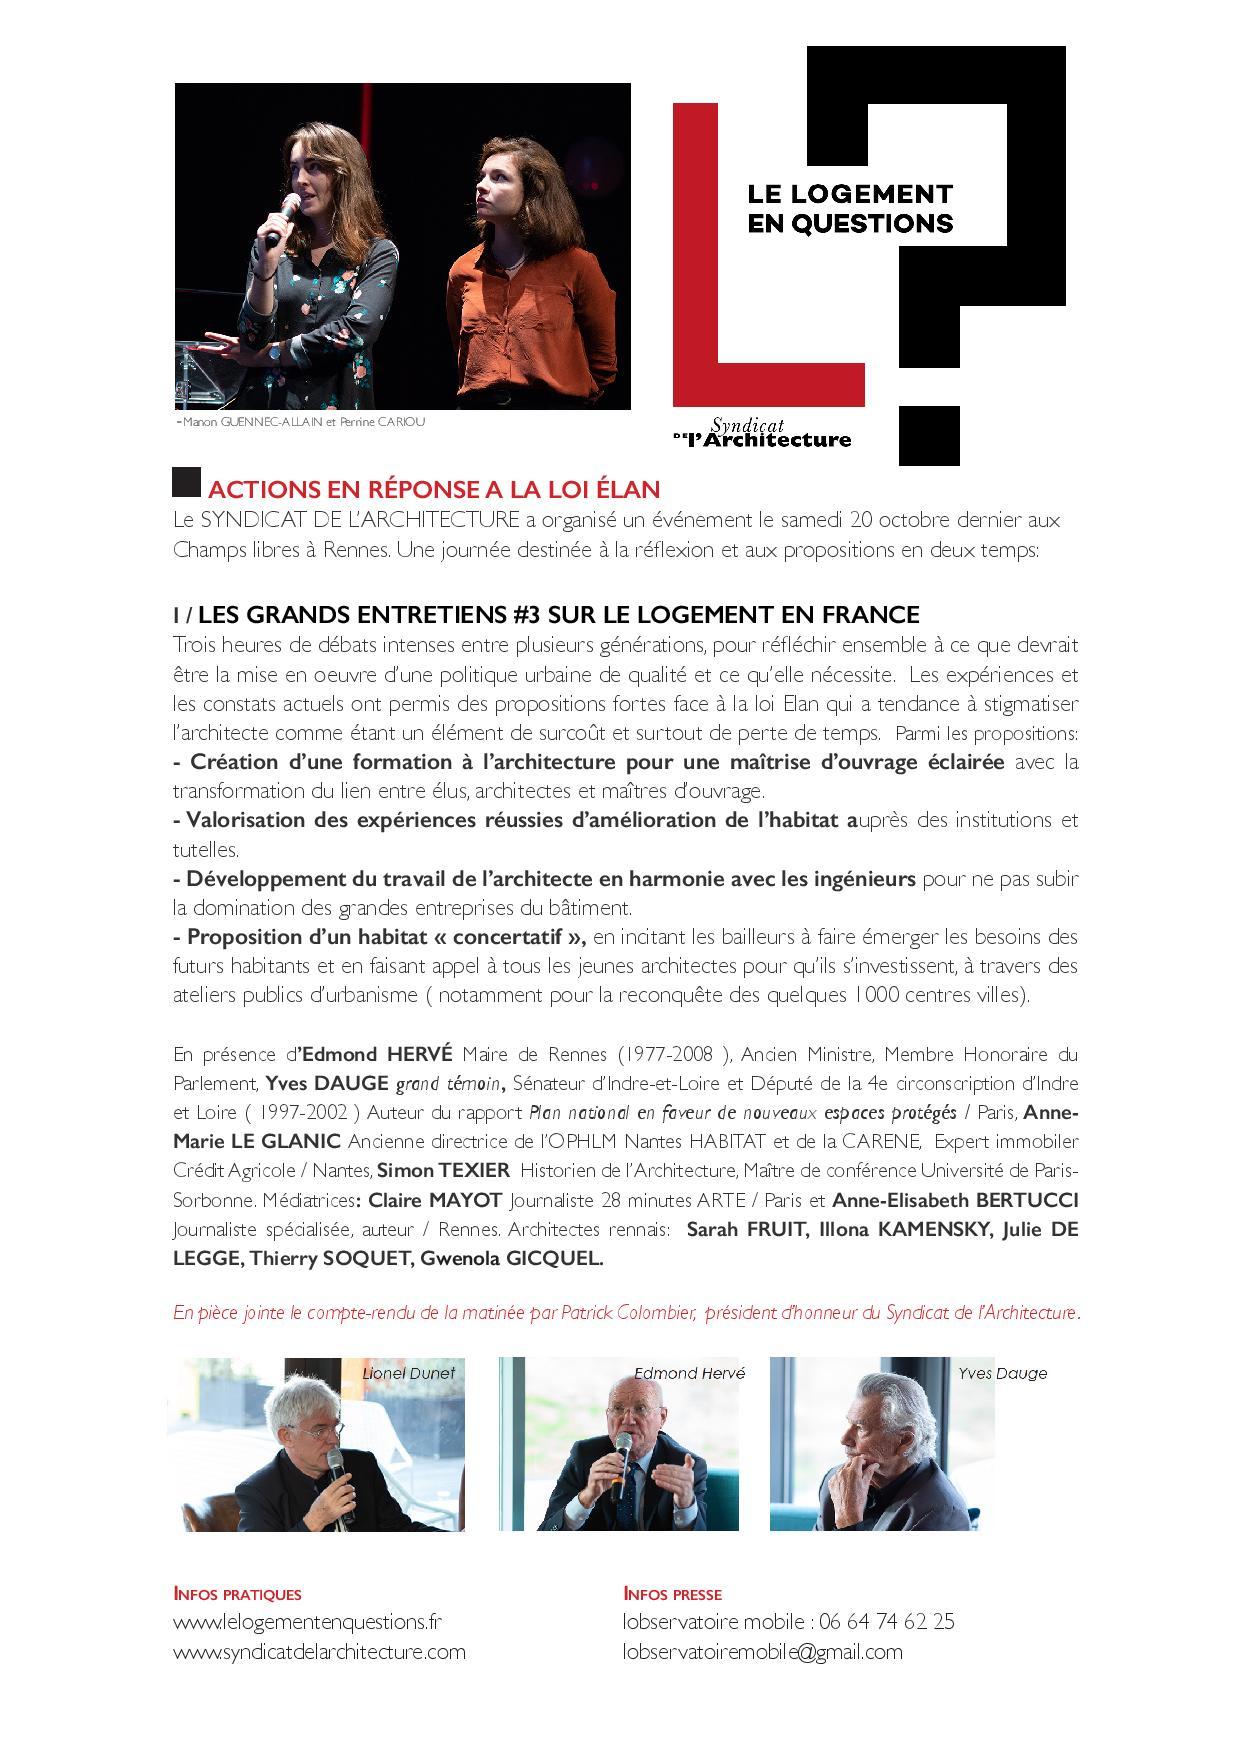 Communiqué LES GRANDS ENTRETIENS # 3-page-001.jpg